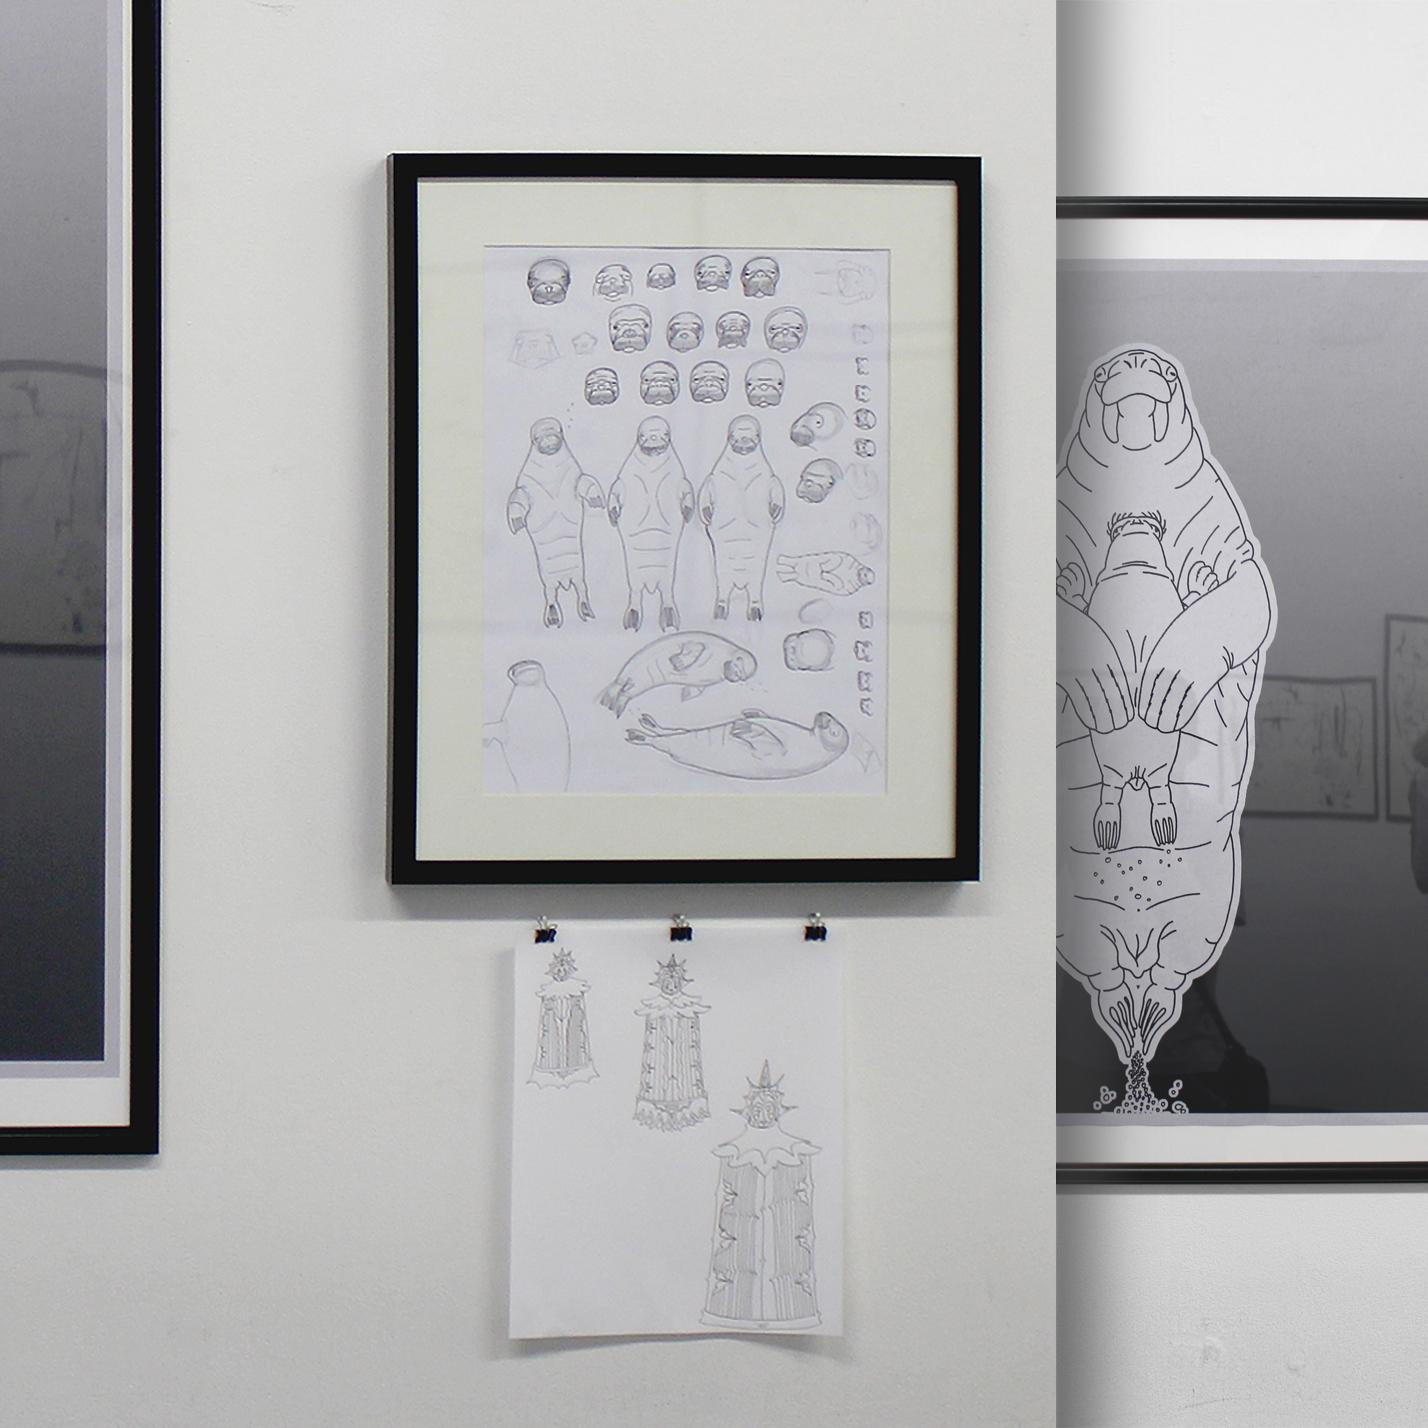 Art and design by Jonas Horbach